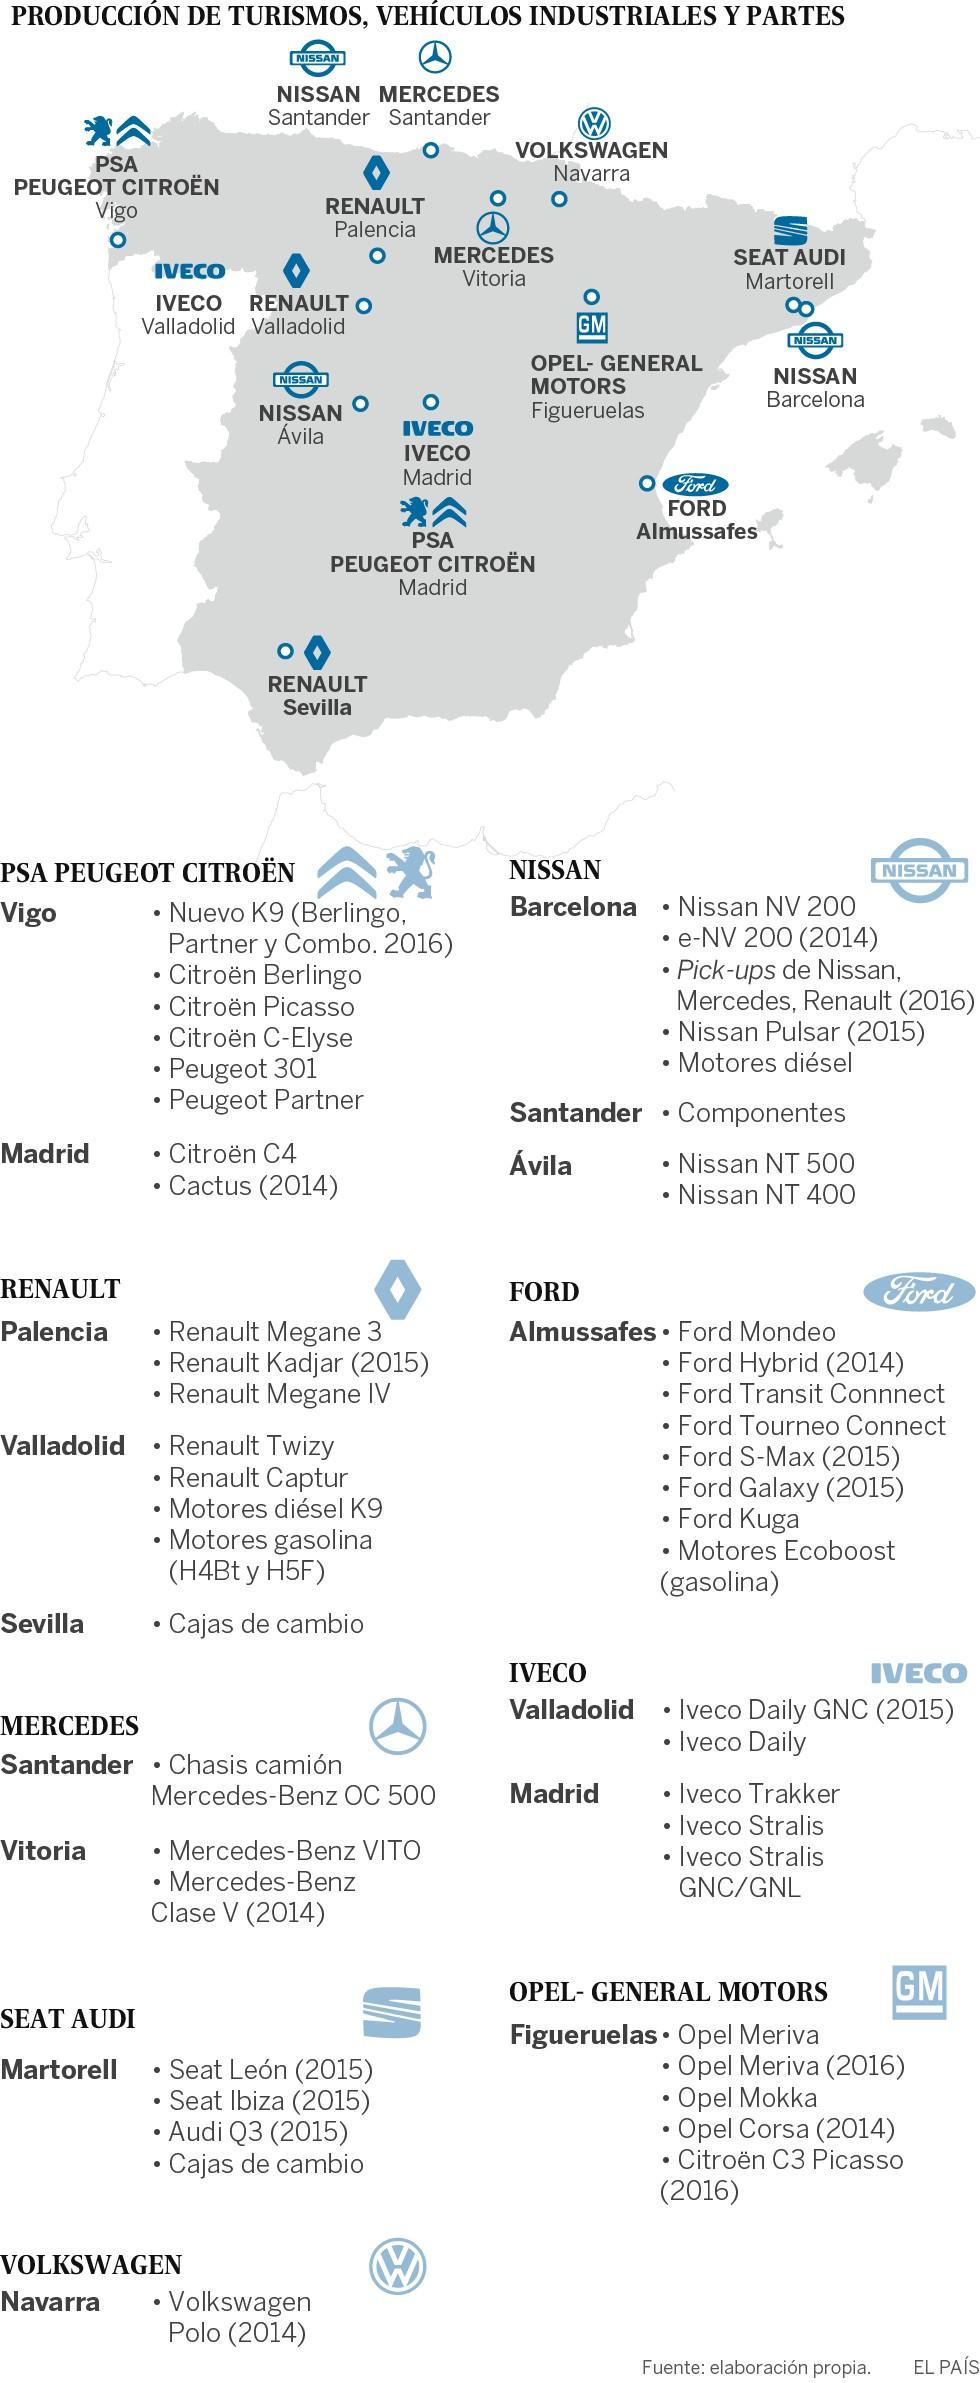 Calendario Laboral 2019 Festivos Y Puentes En Euskadi Más Recientes La Flexibilidad Laboral atrae Inversiones Al Sector Espa±ol Del